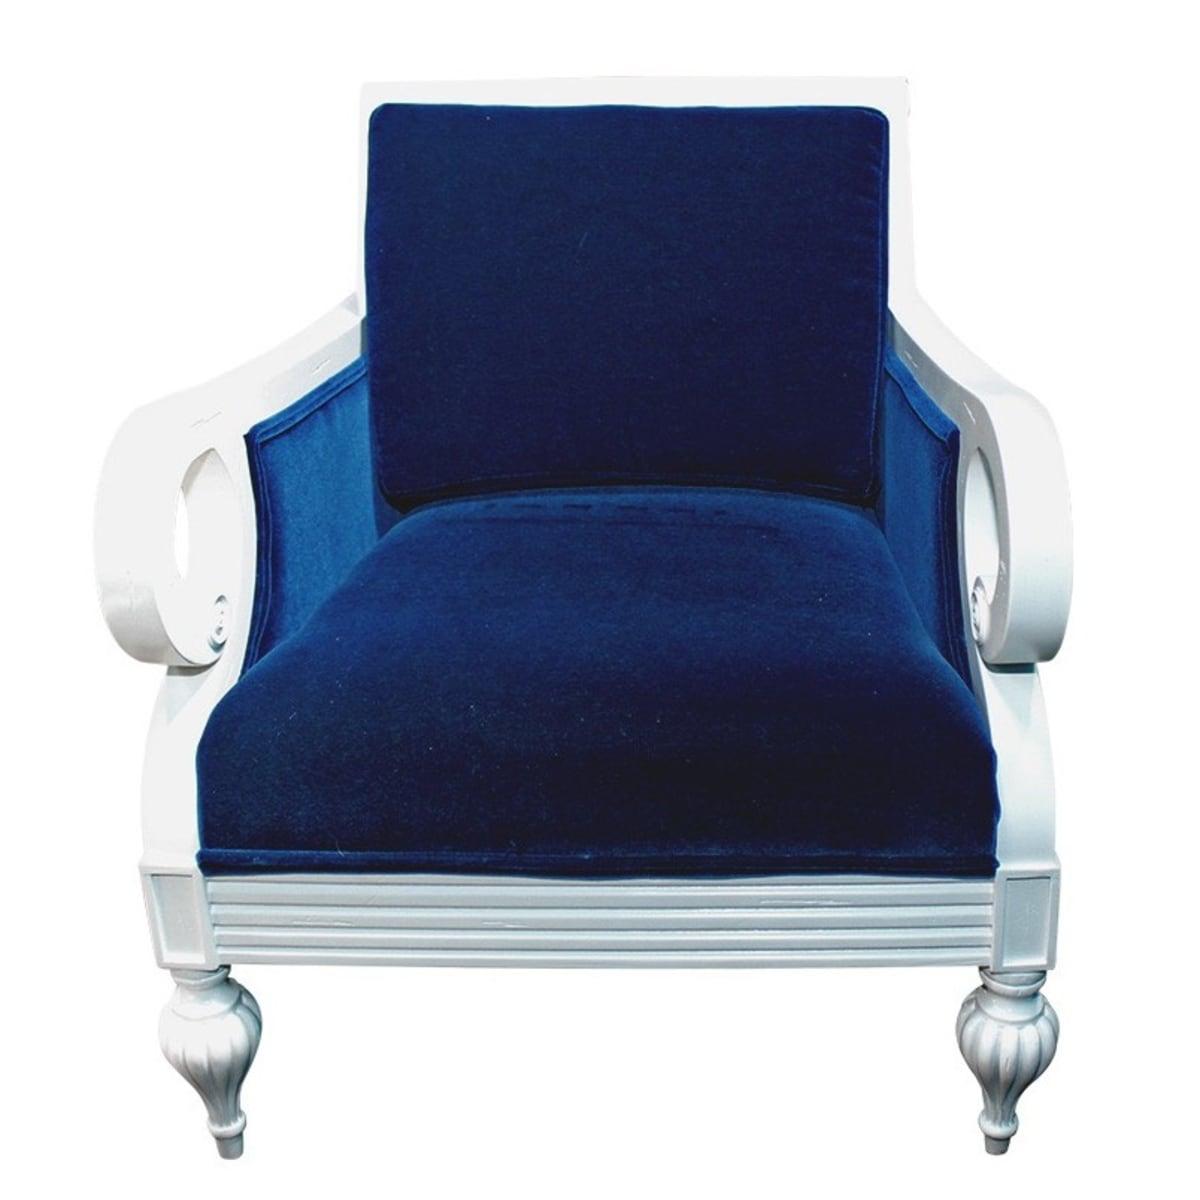 viyet chair